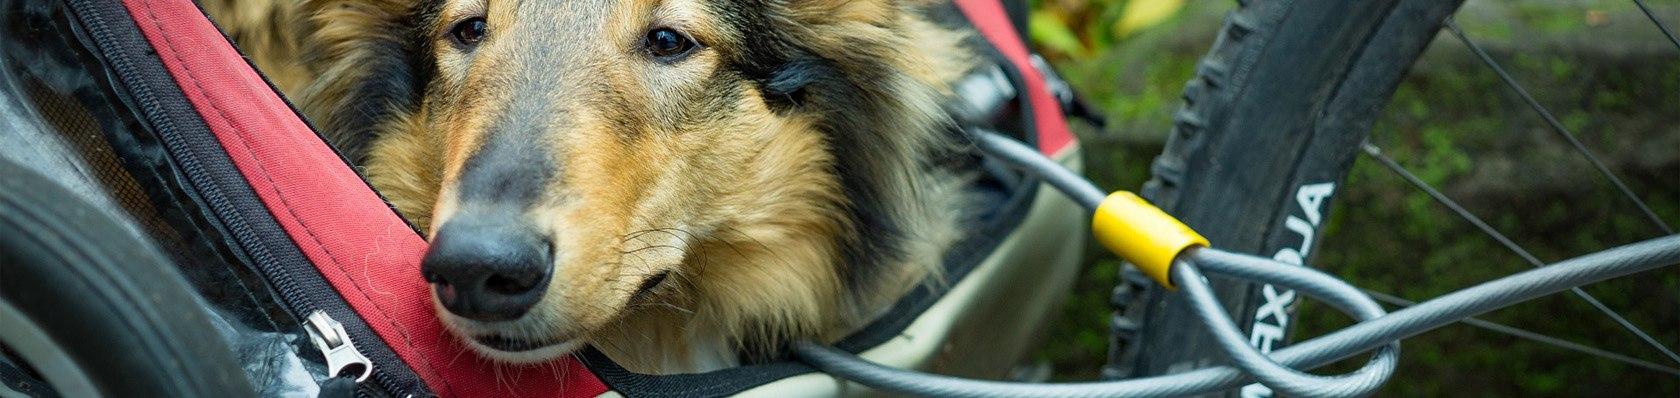 Hundeanhänger im Test auf ExpertenTesten.de